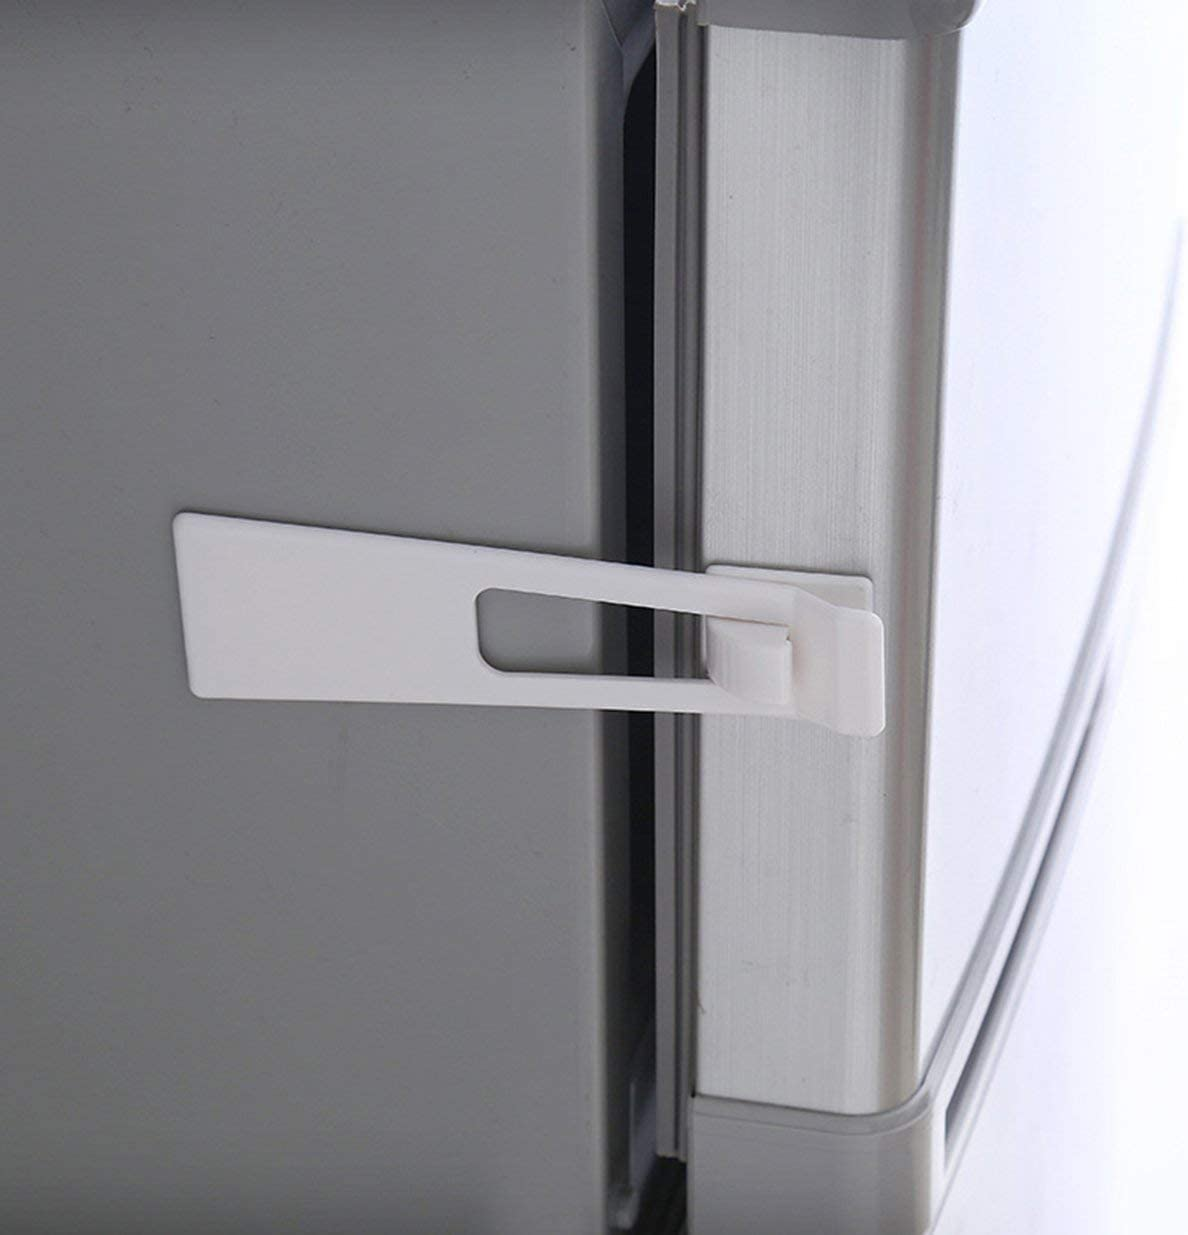 Cerraduras de seguridad para niños y bebés, para frigorífico, armario, puerta de refrigerador, cajón, hogar, interior, cierre de seguridad fácil de instalar: Amazon.es: Hogar